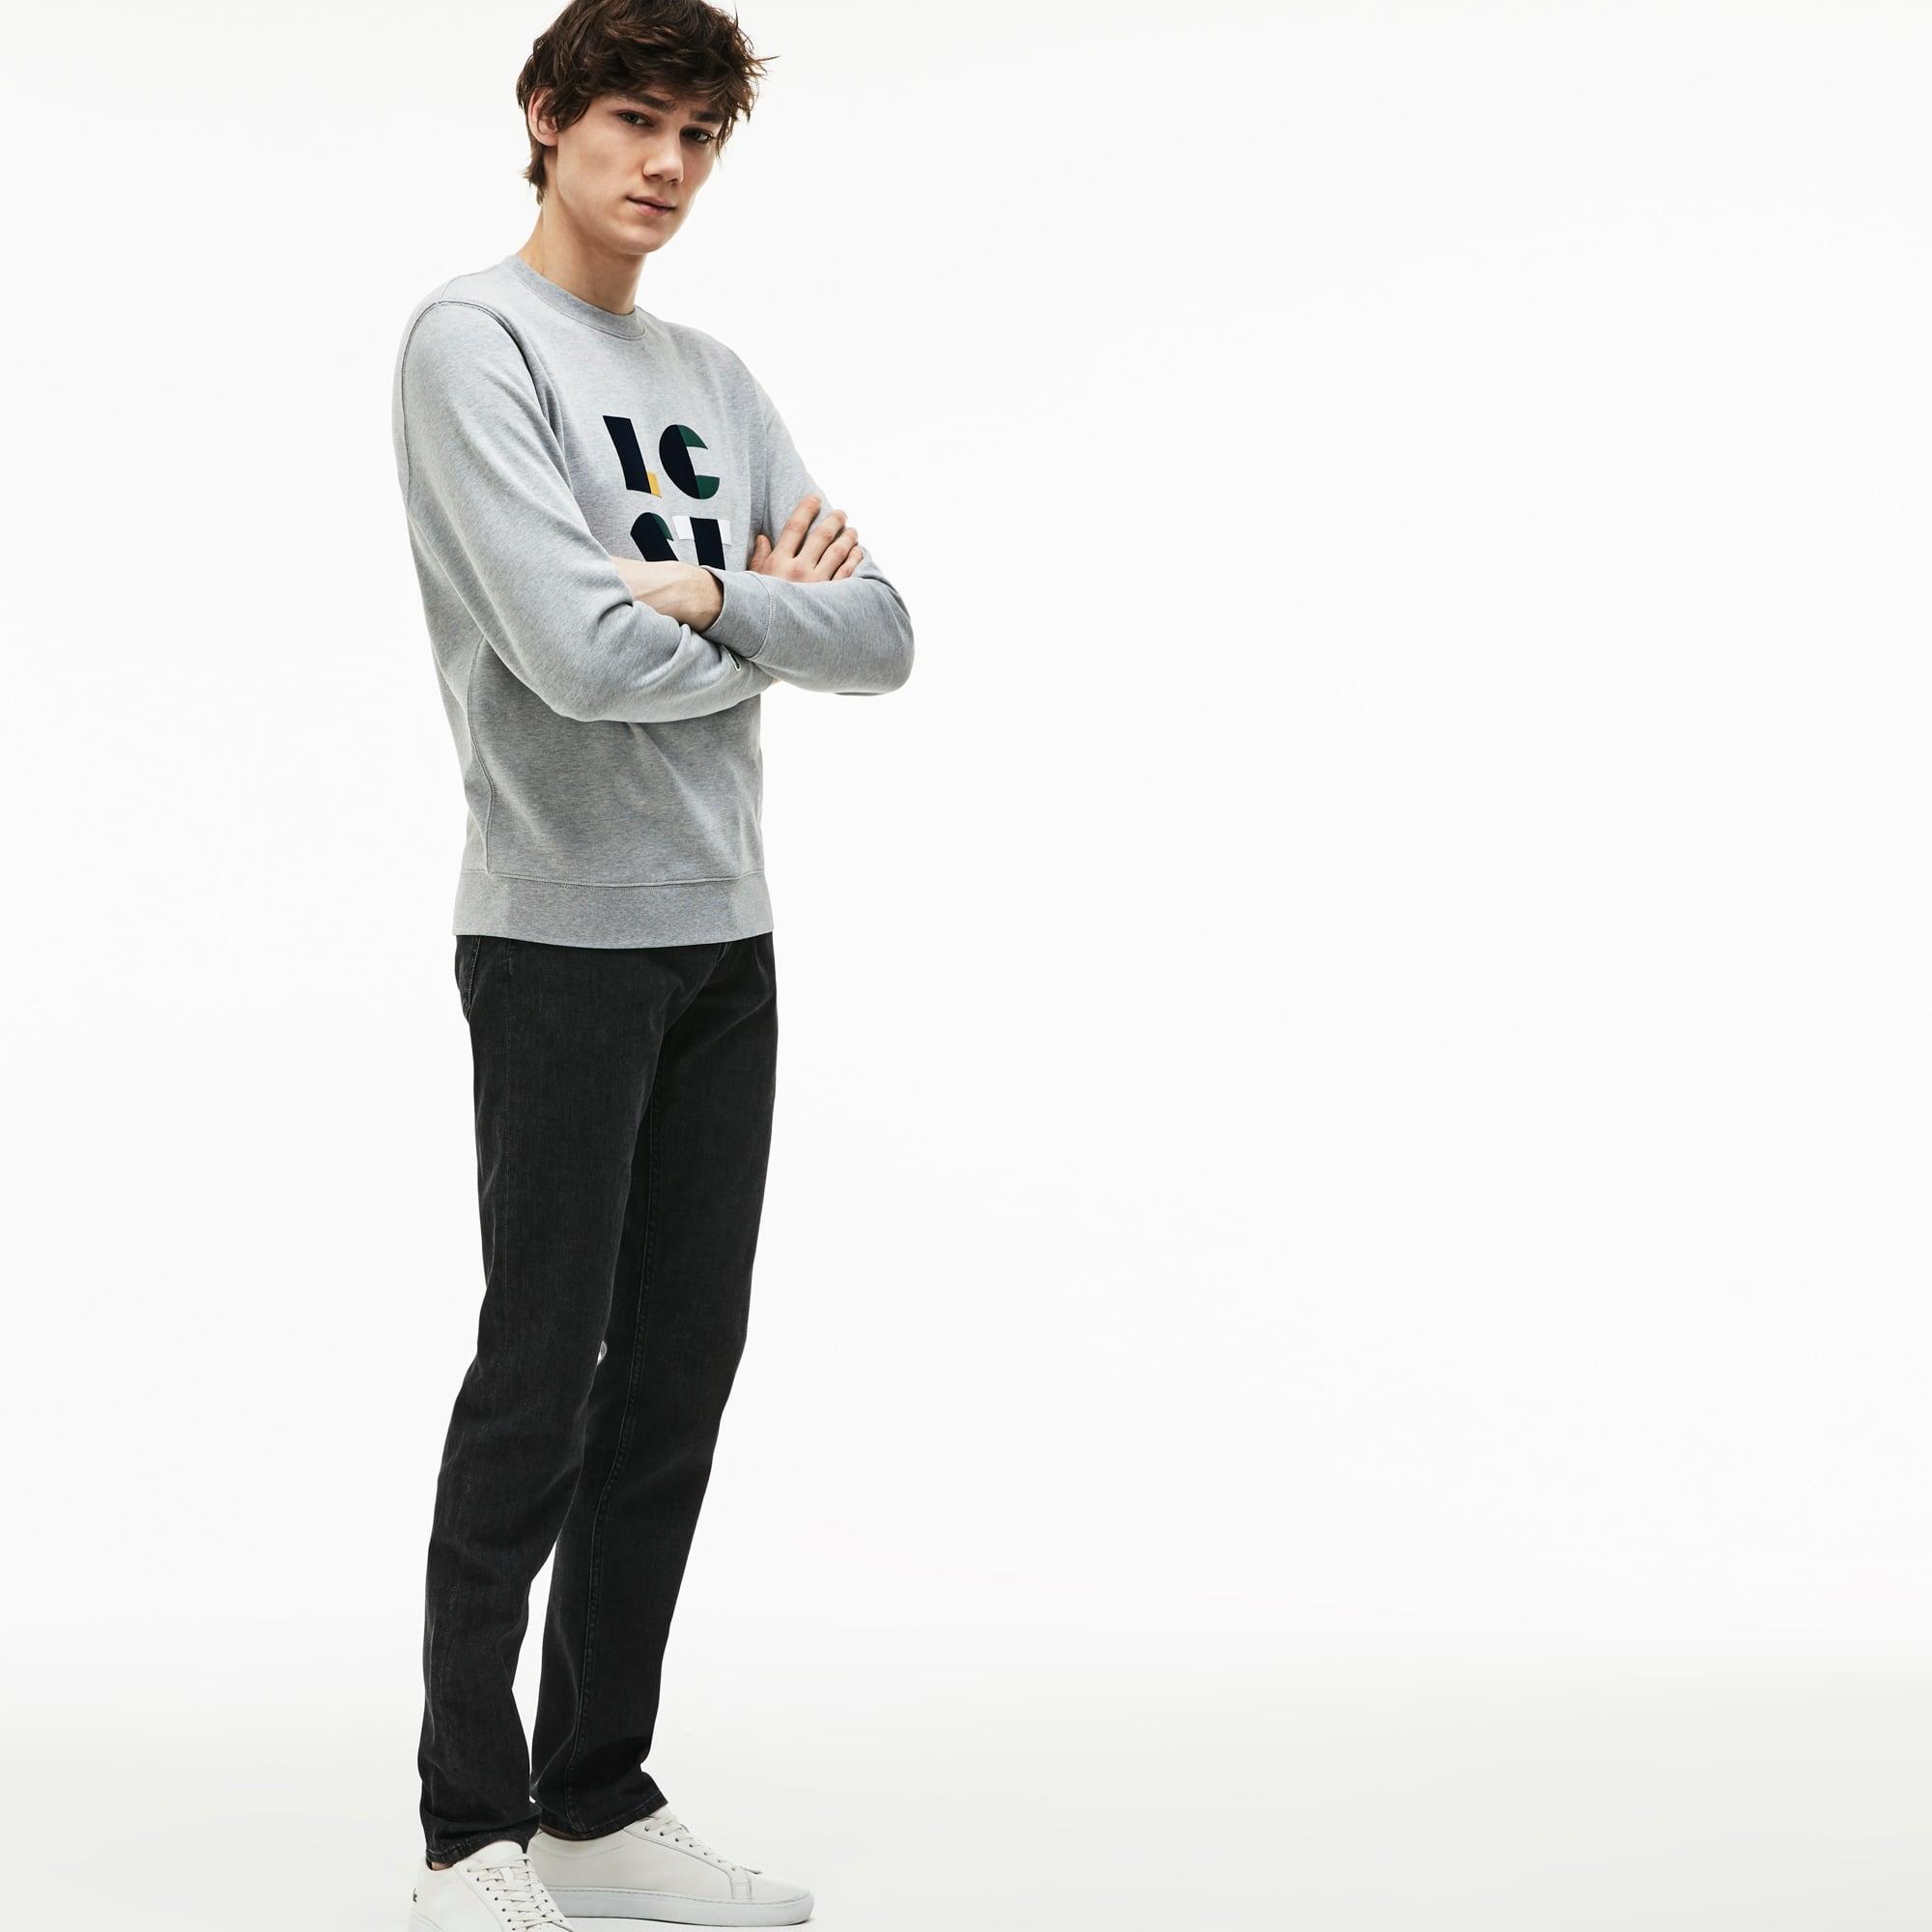 Lacoste - Slim Fit Herren-Jeans aus Stretch-Baumwolle mit fünf Taschen - 1